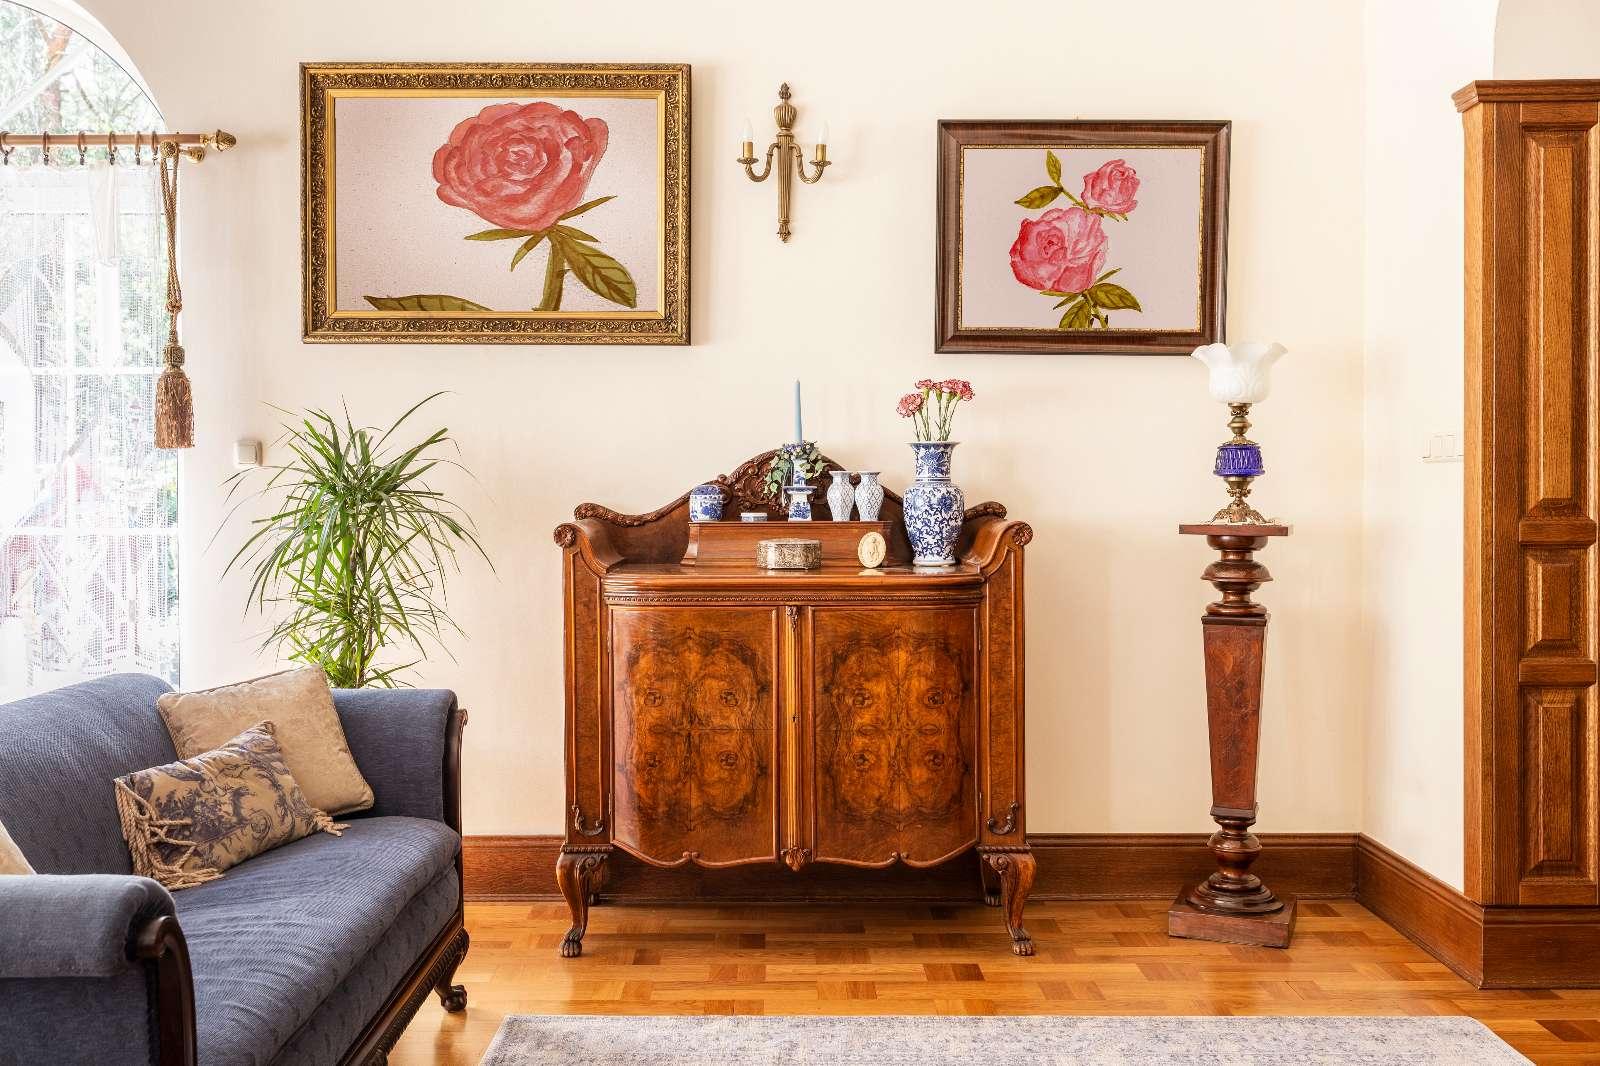 Der Möbelrestaurator verleiht Ihren antiken Möbelstücken neuen Glanz